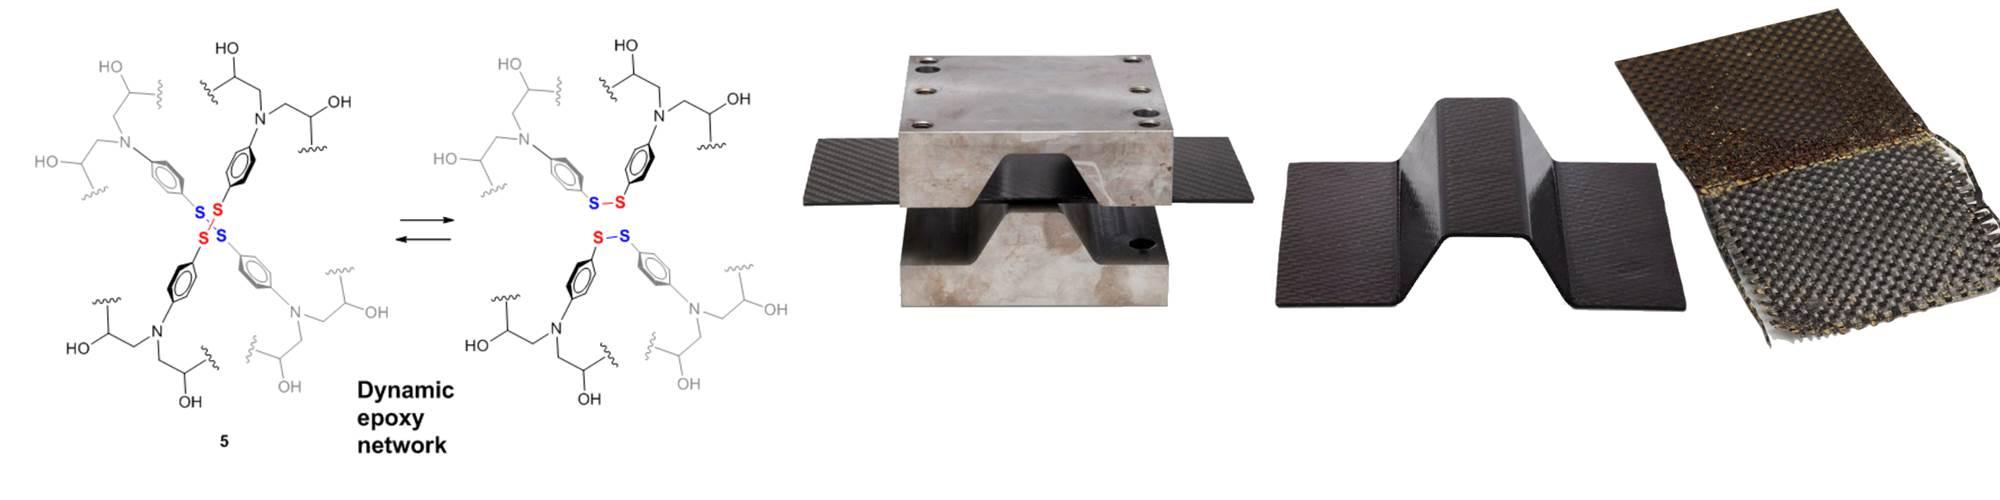 CIDETEC可重构可回收环氧树脂